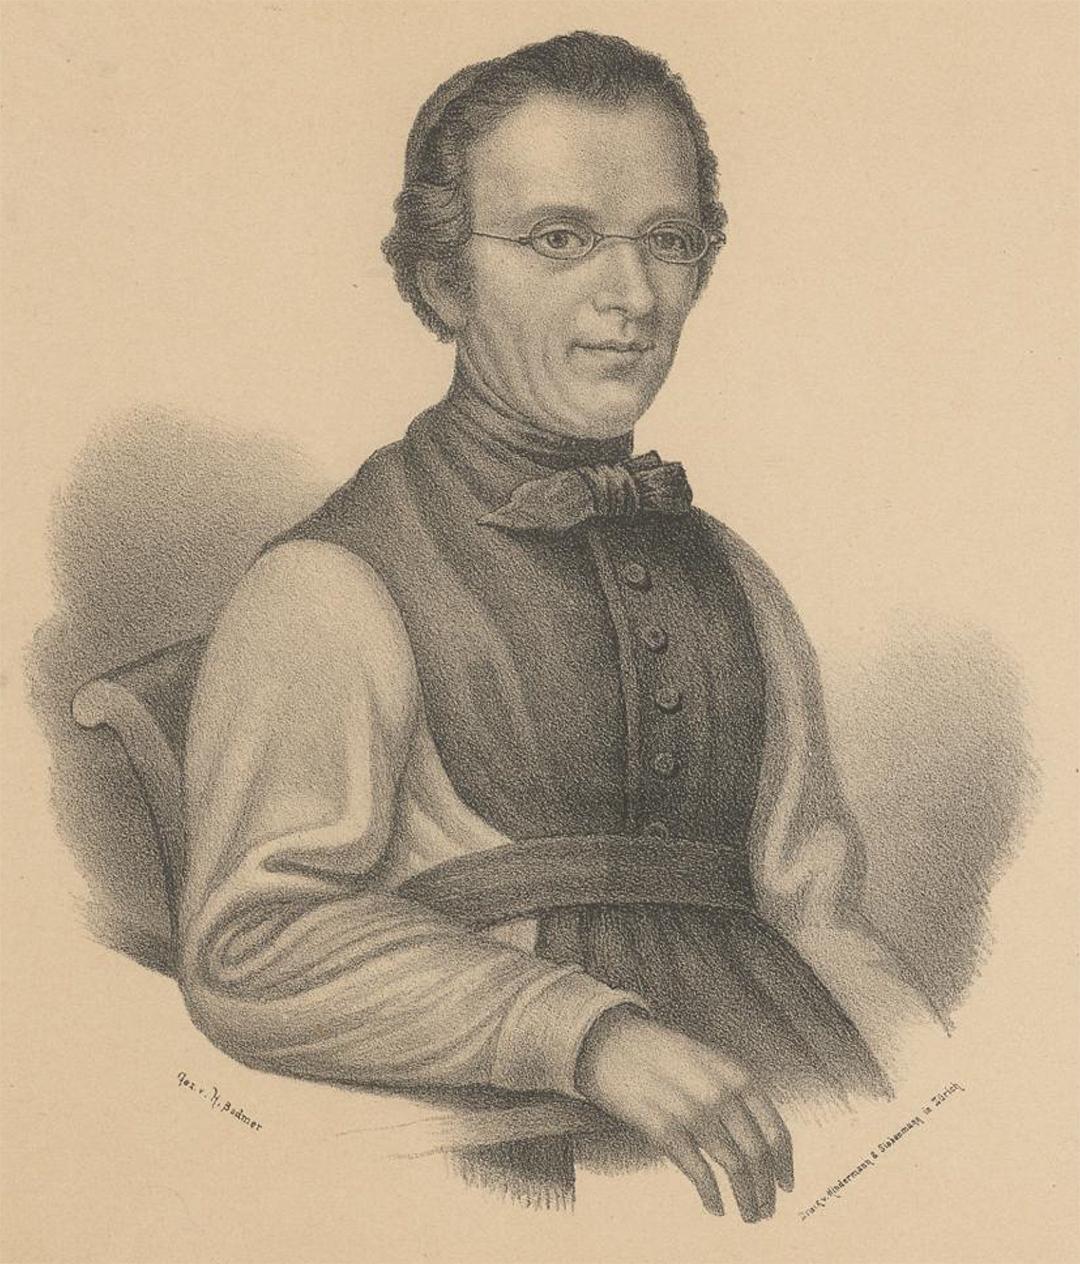 Der Komponist des «Schweizer Psalm», Alberich Zwyssig (1808-1854), gezeichnet von Heinrich Bodmer, 1876.